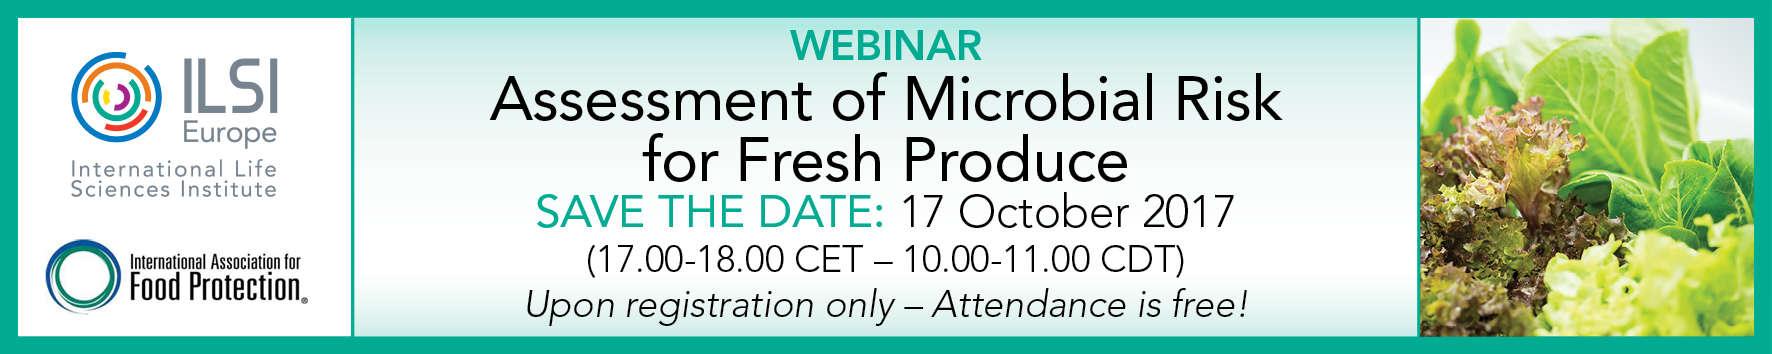 ILSI / Webinar on 'Assessment of Microbial Risk for Fresh